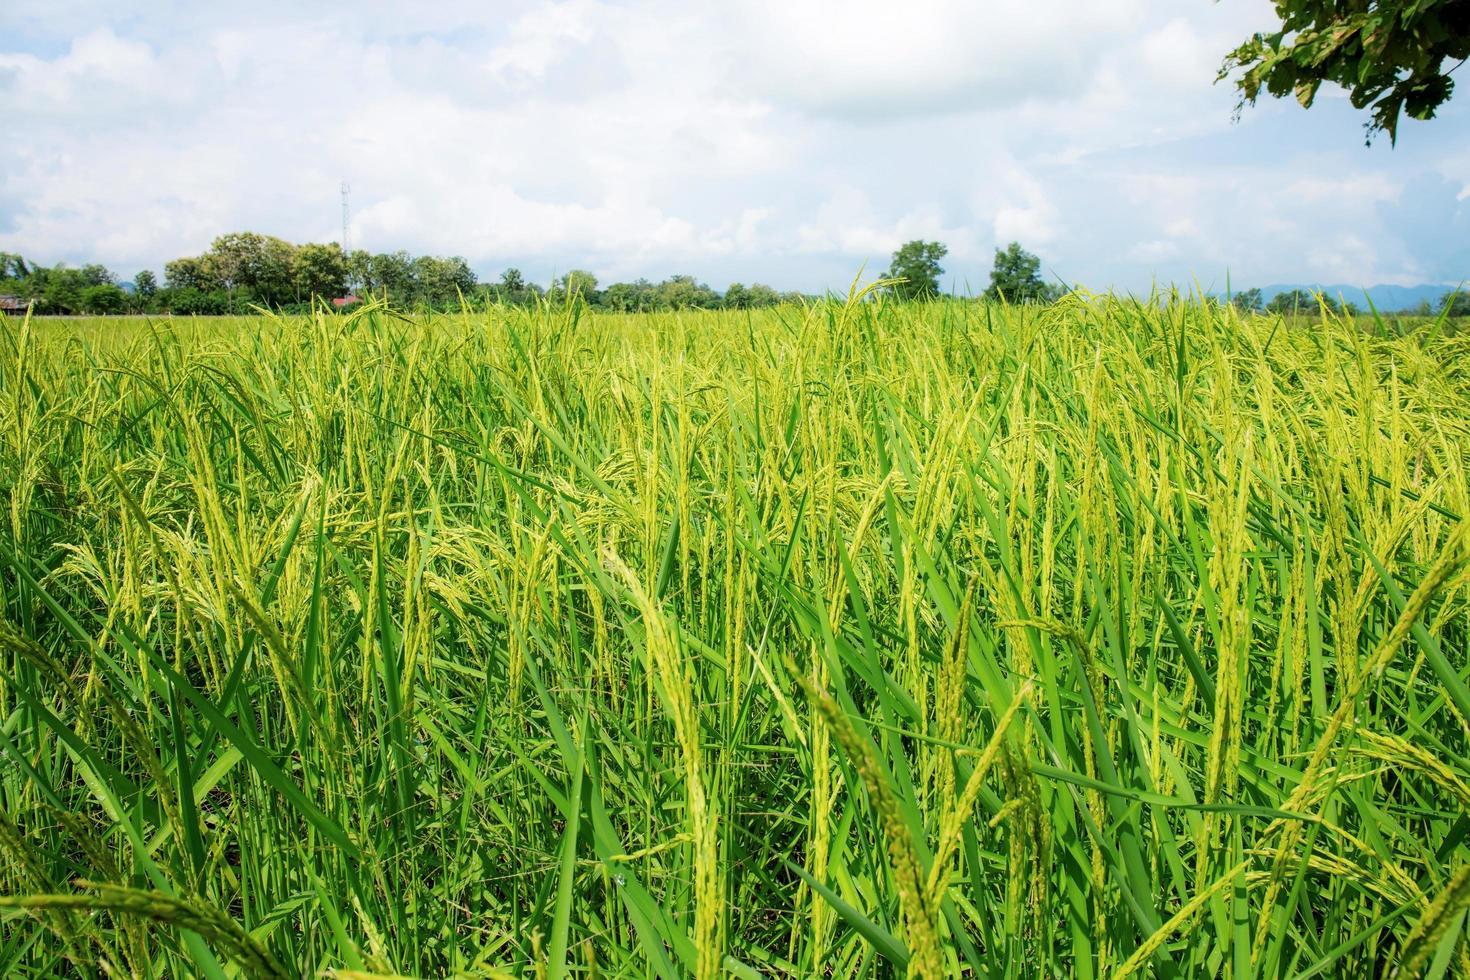 Una vista creciente del campo de arroz en un día cálido y nublado en Tailandia foto